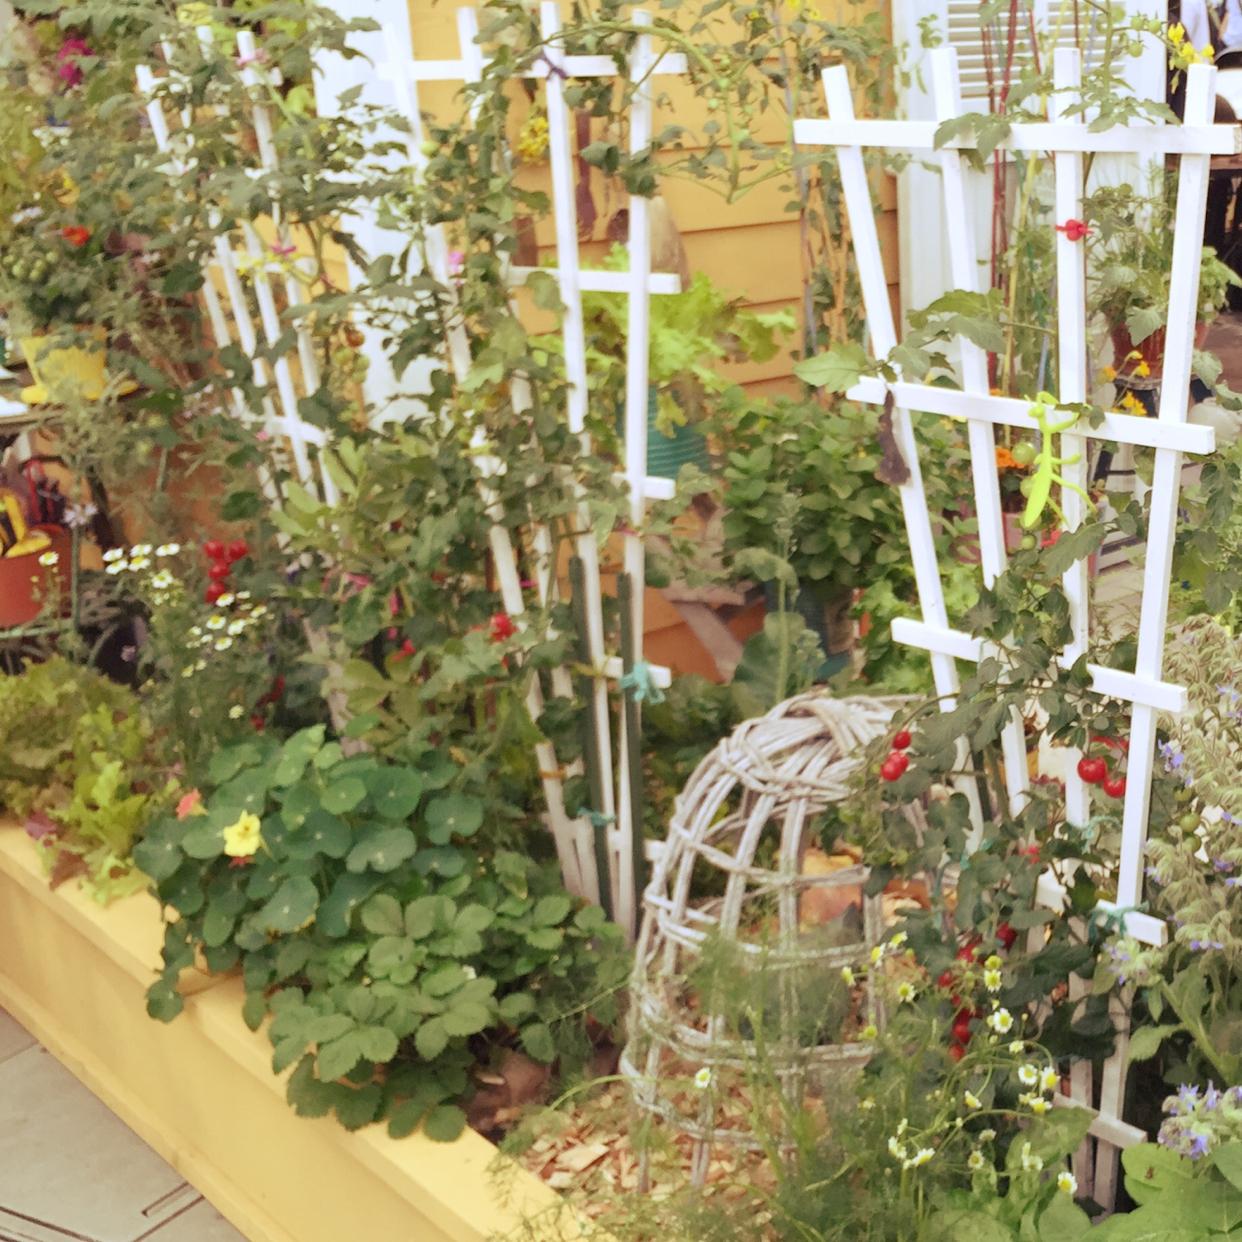 植物がすくすく育つ!オシャレな支柱をガーデニングに役立てようのサムネイル画像